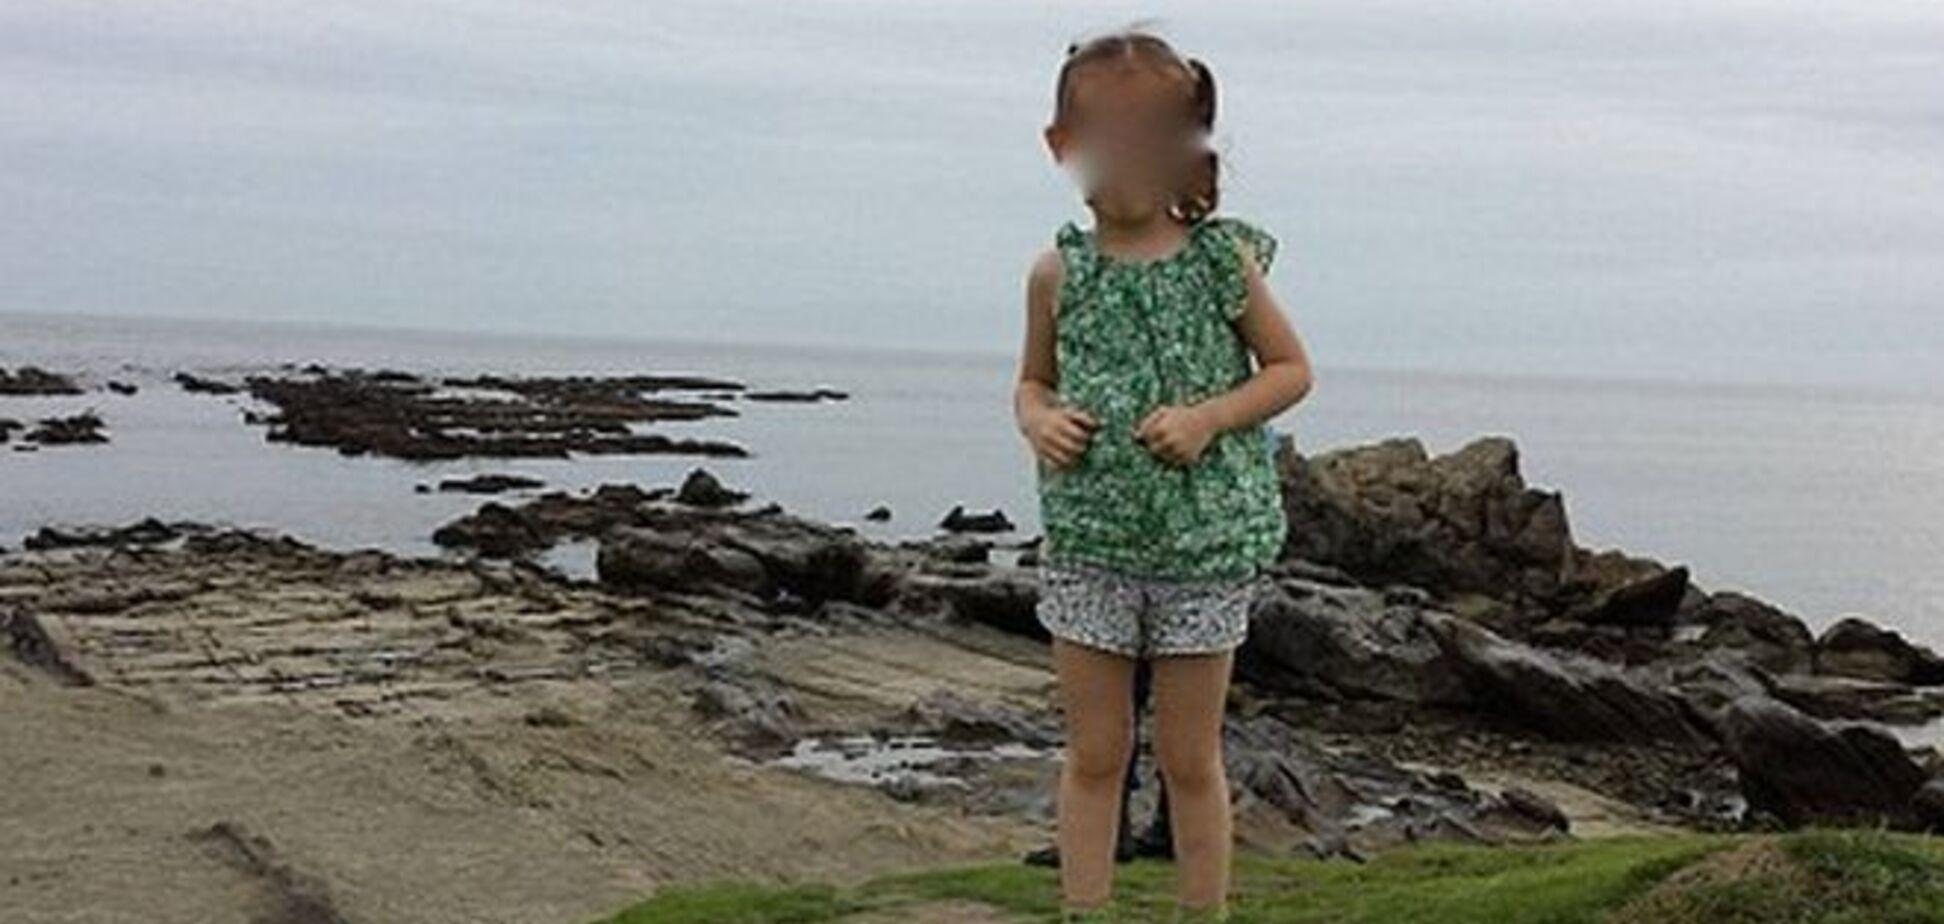 Маленьку дівчинку зняли з привидом солдата: страшне фото